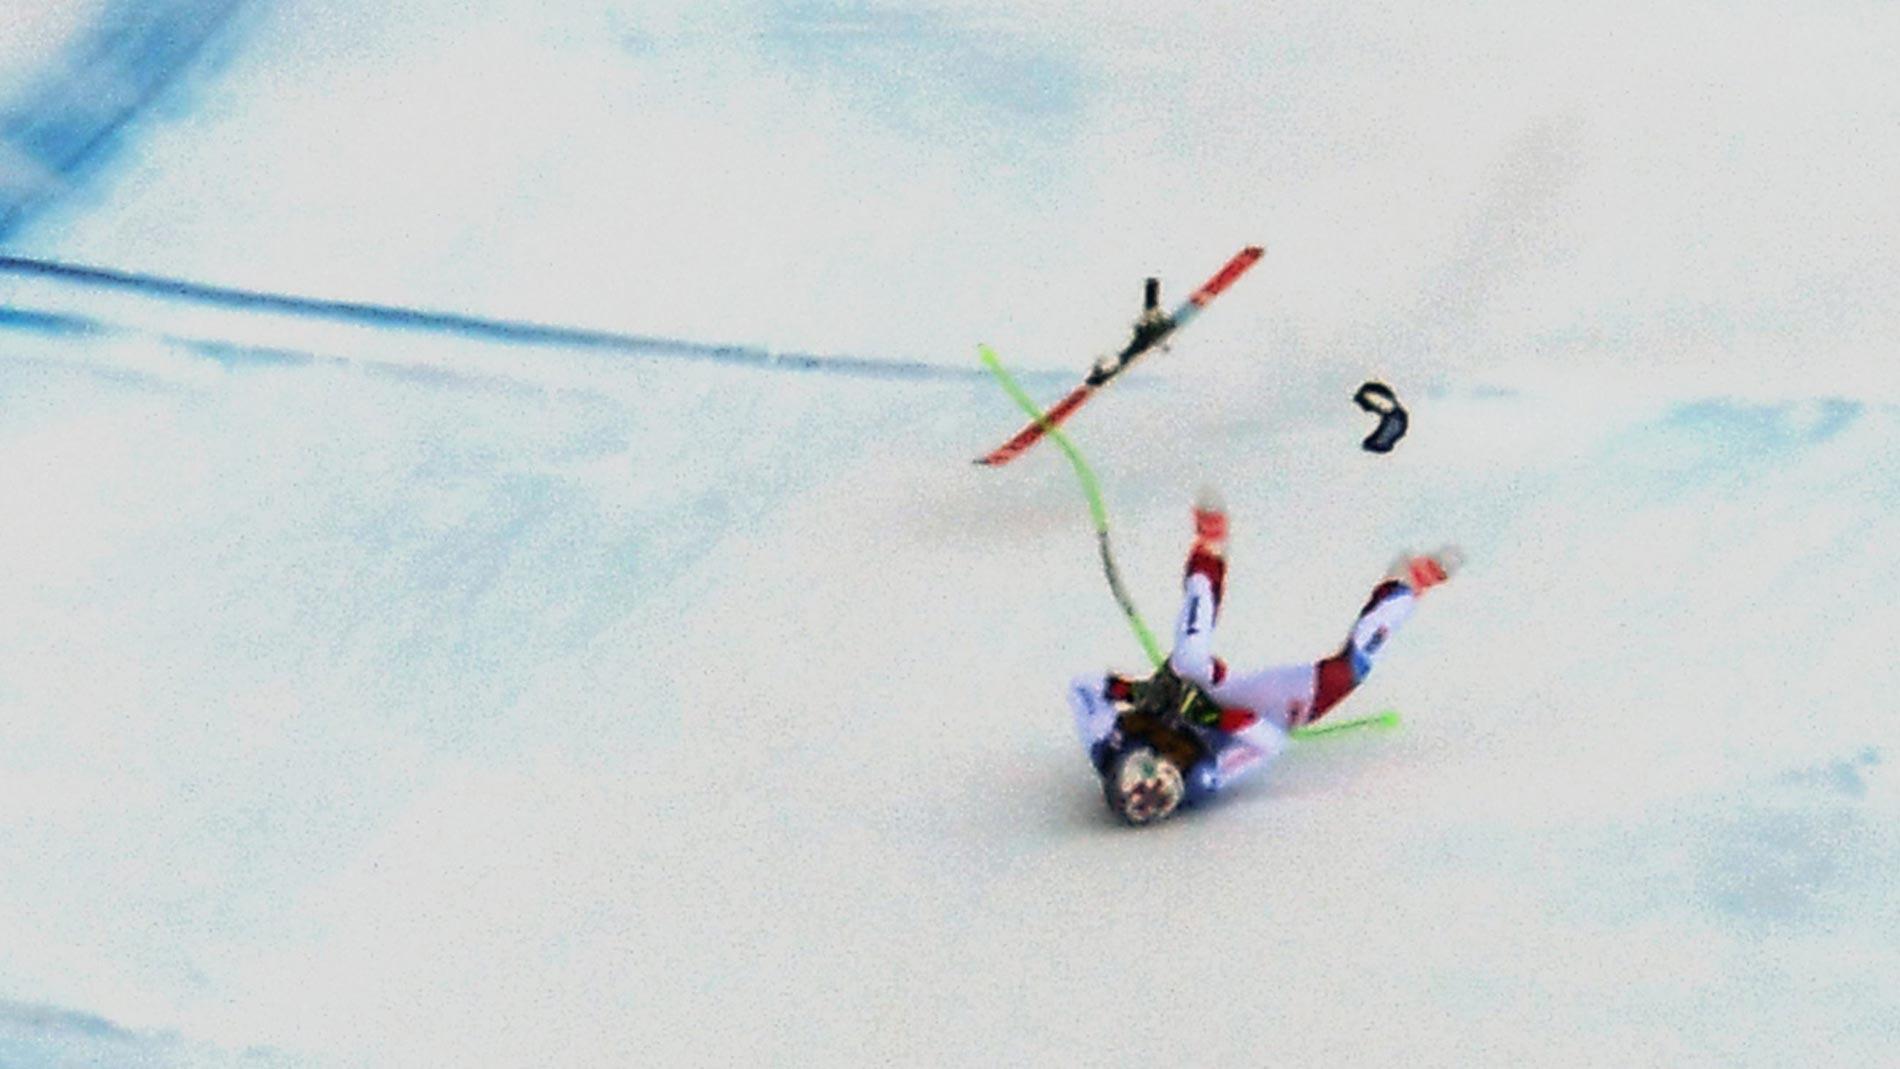 Grave accidente del esquiador Marc Gisin en Val Gardena